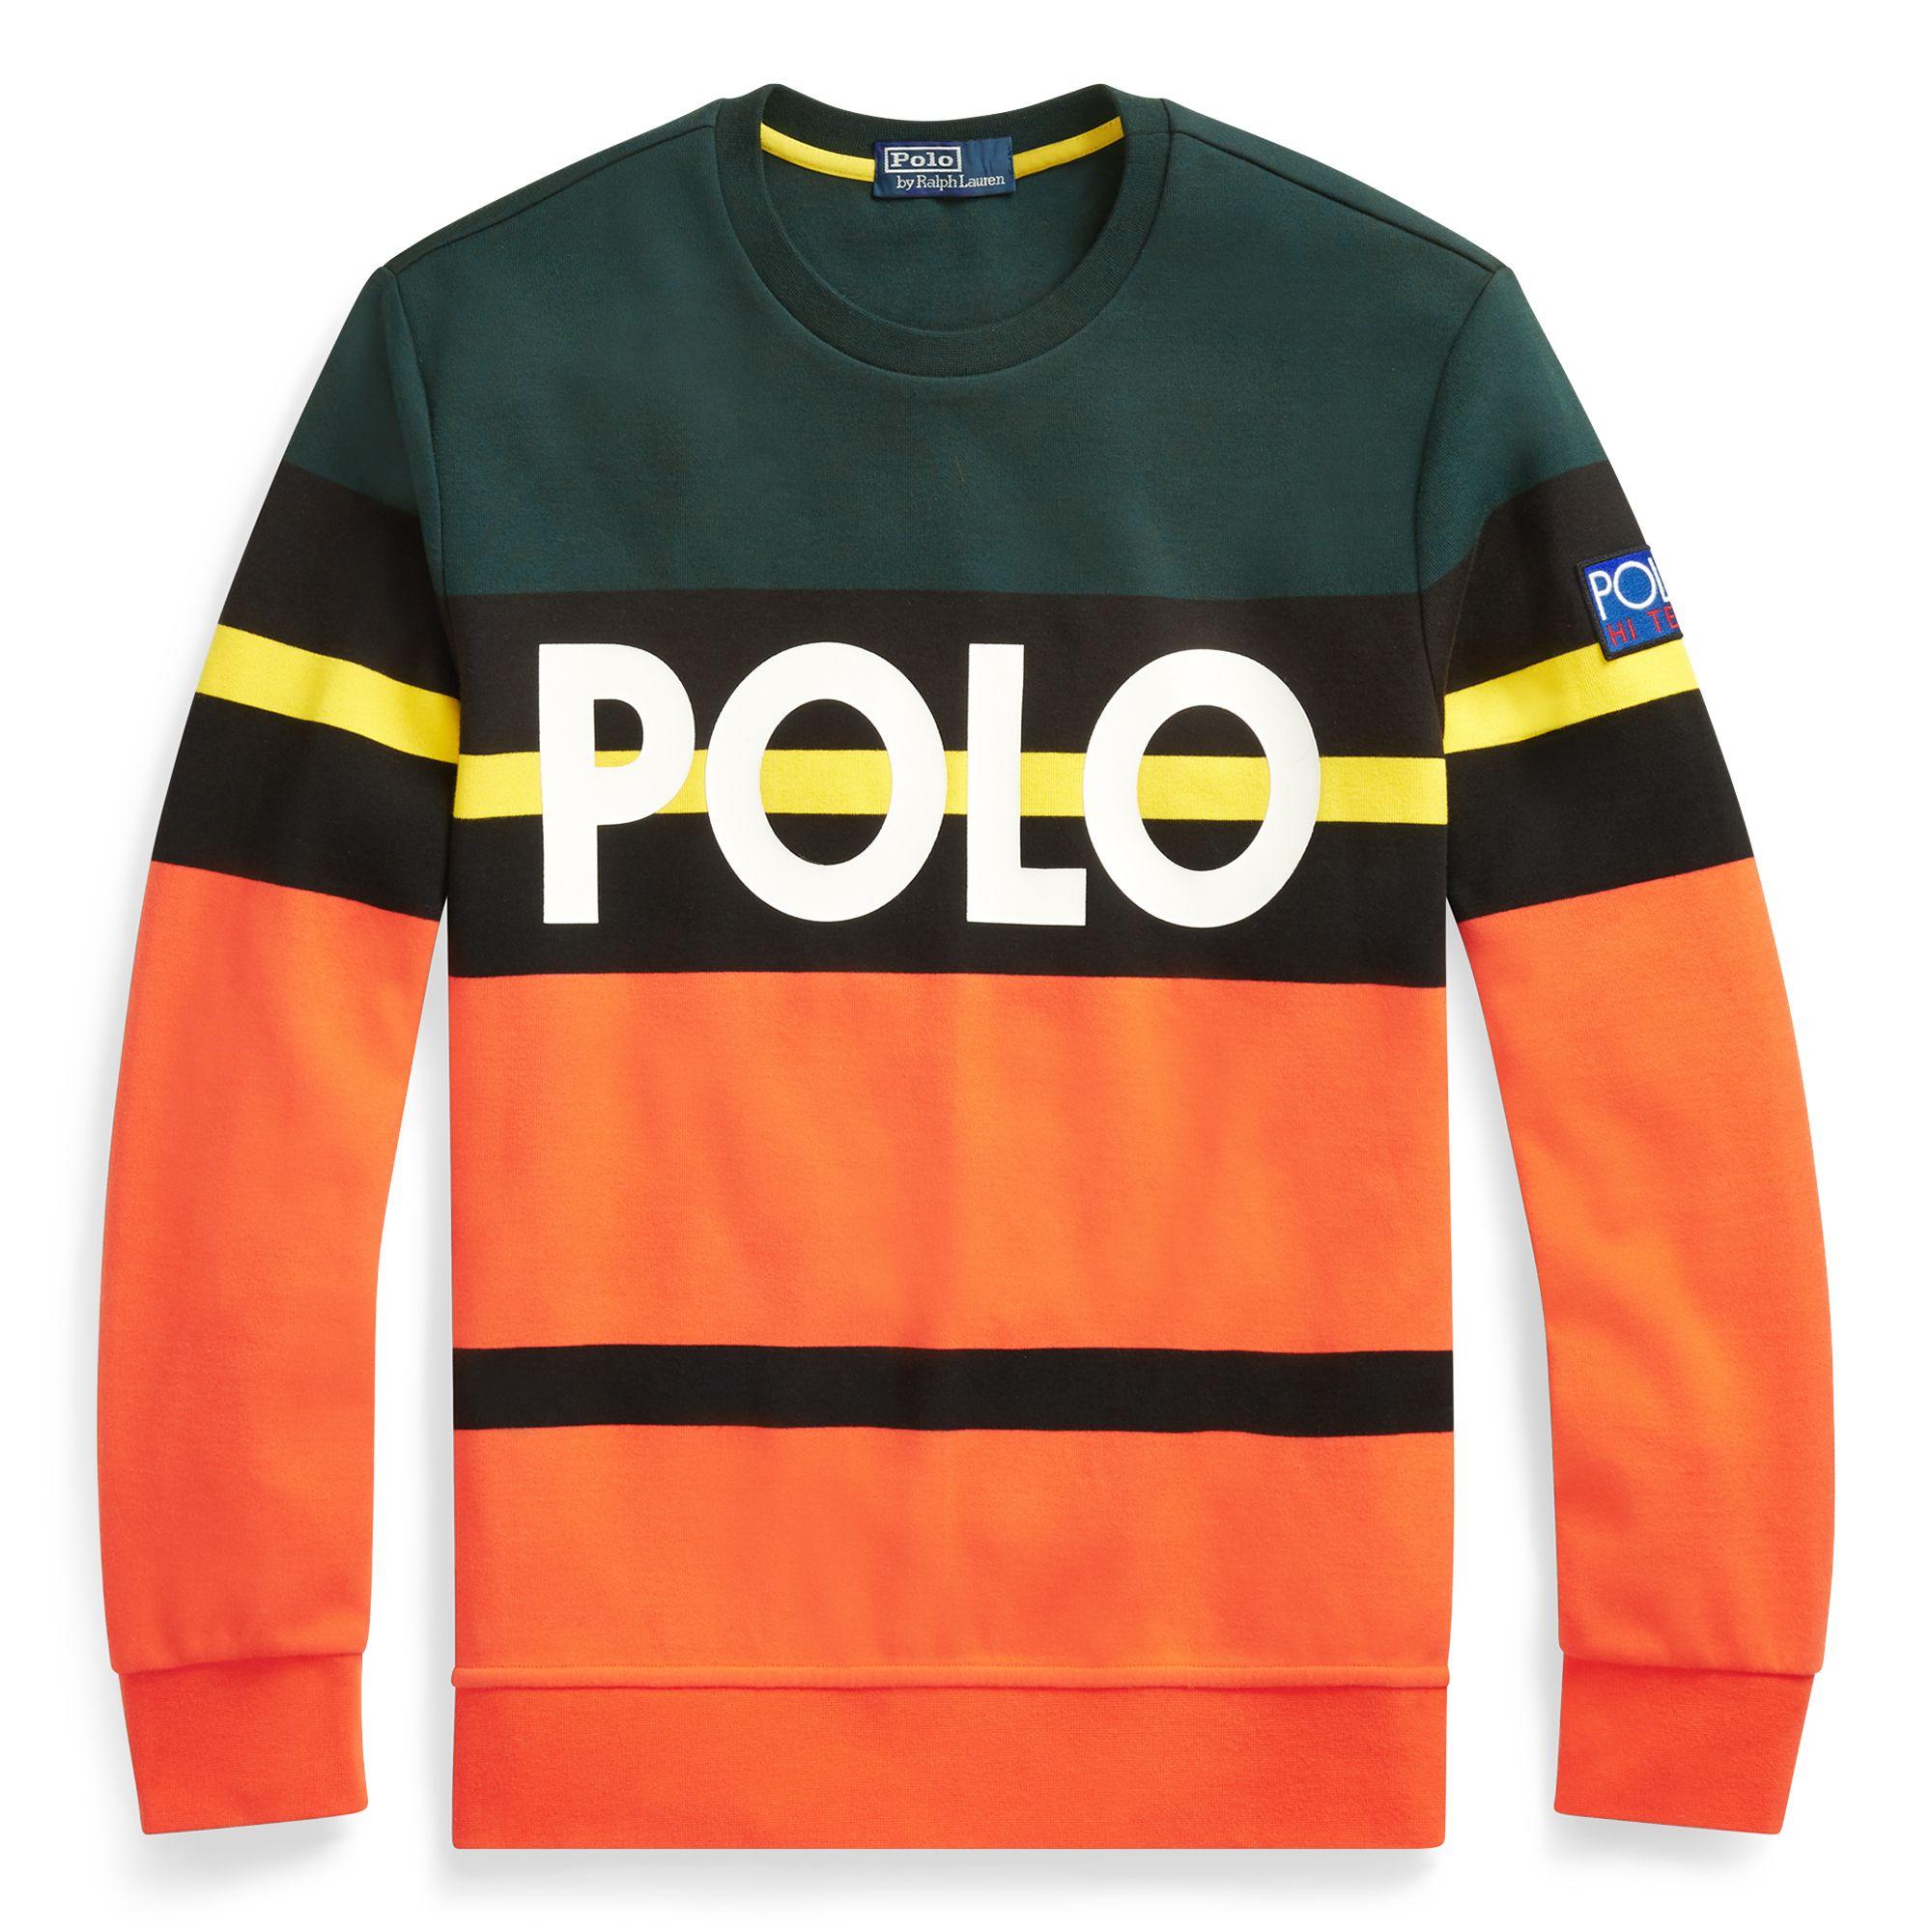 polo rugby, camiseta rugby, polo hi tech, polo ralph lauren, ropa hombre polo ralph lauren